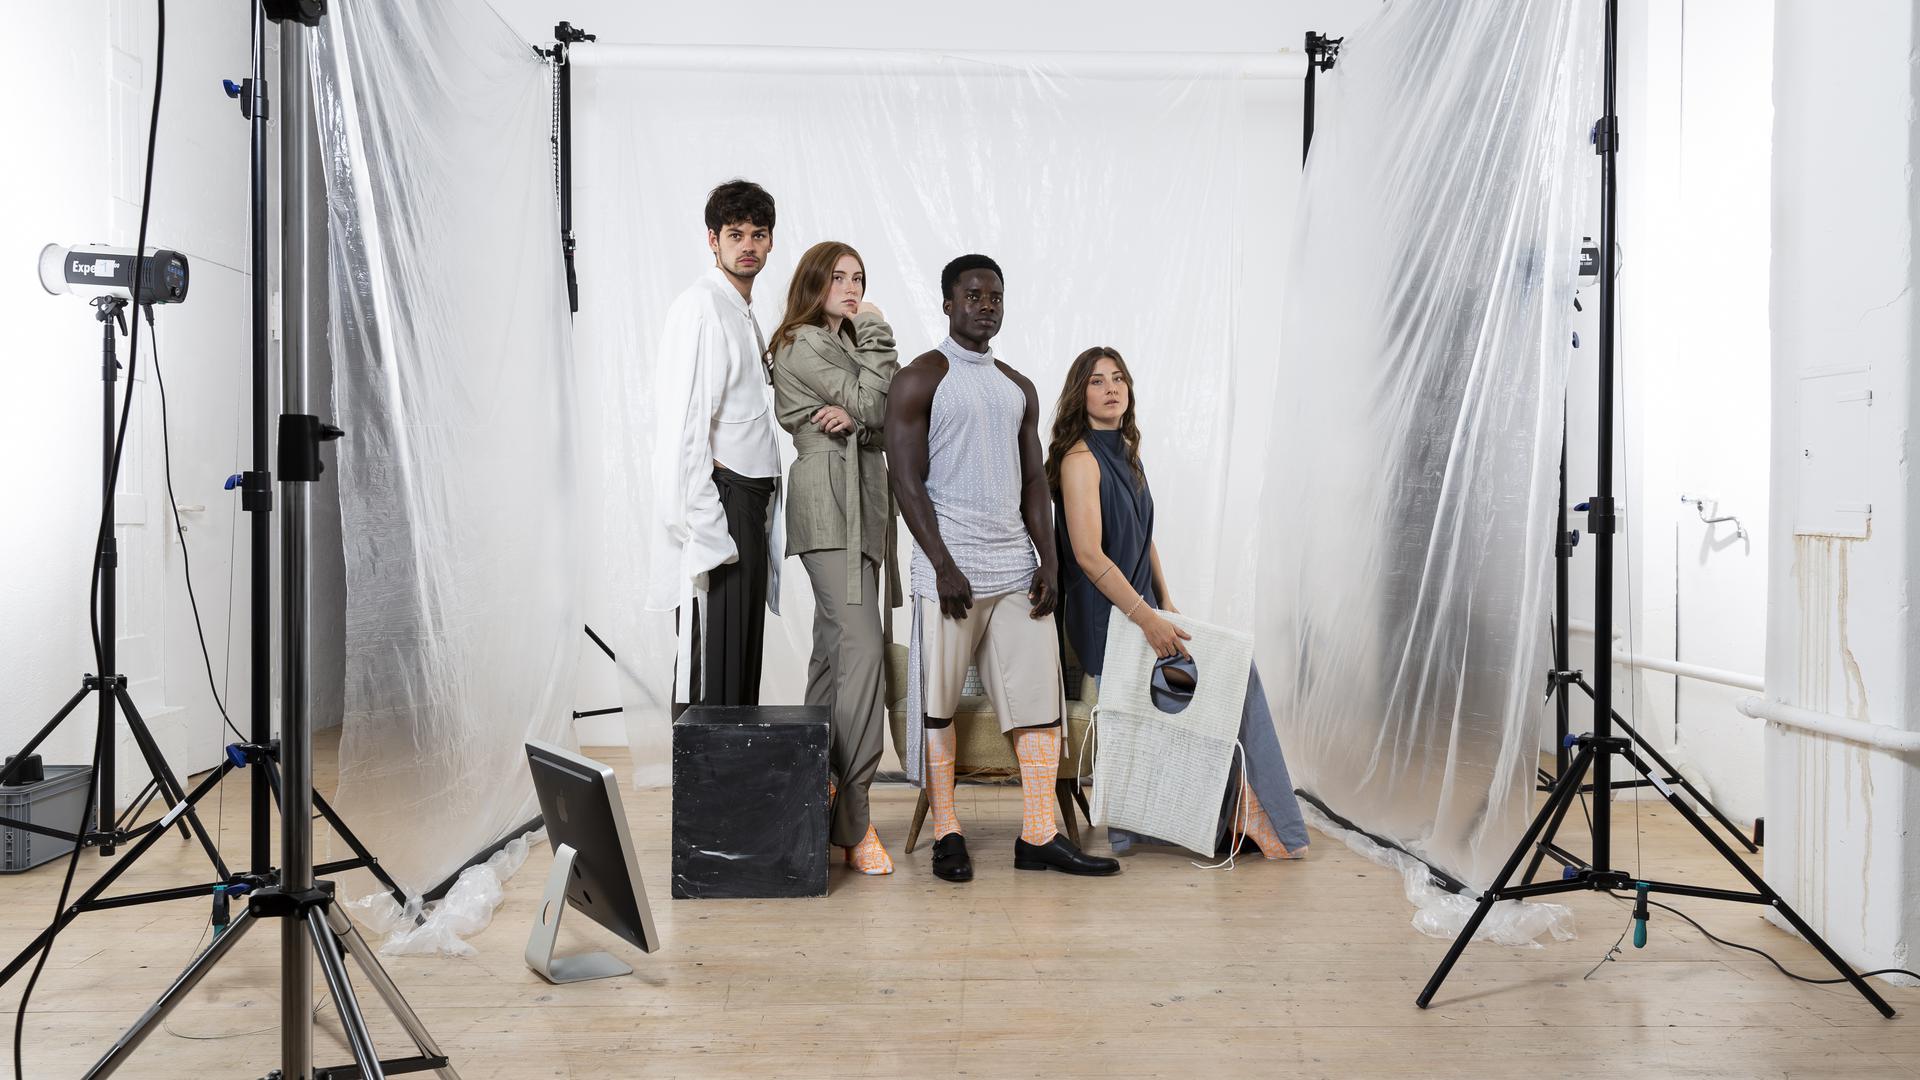 Junge Mode von jungen Menschen: Die Hochschule Pforzheim gilt als Sprungbrett für die Nachfolger von Coco Chanel, Karl Lagerfeld und Co. Das Foto zeigt Entwürfe der Studentin Eleonore Brive.